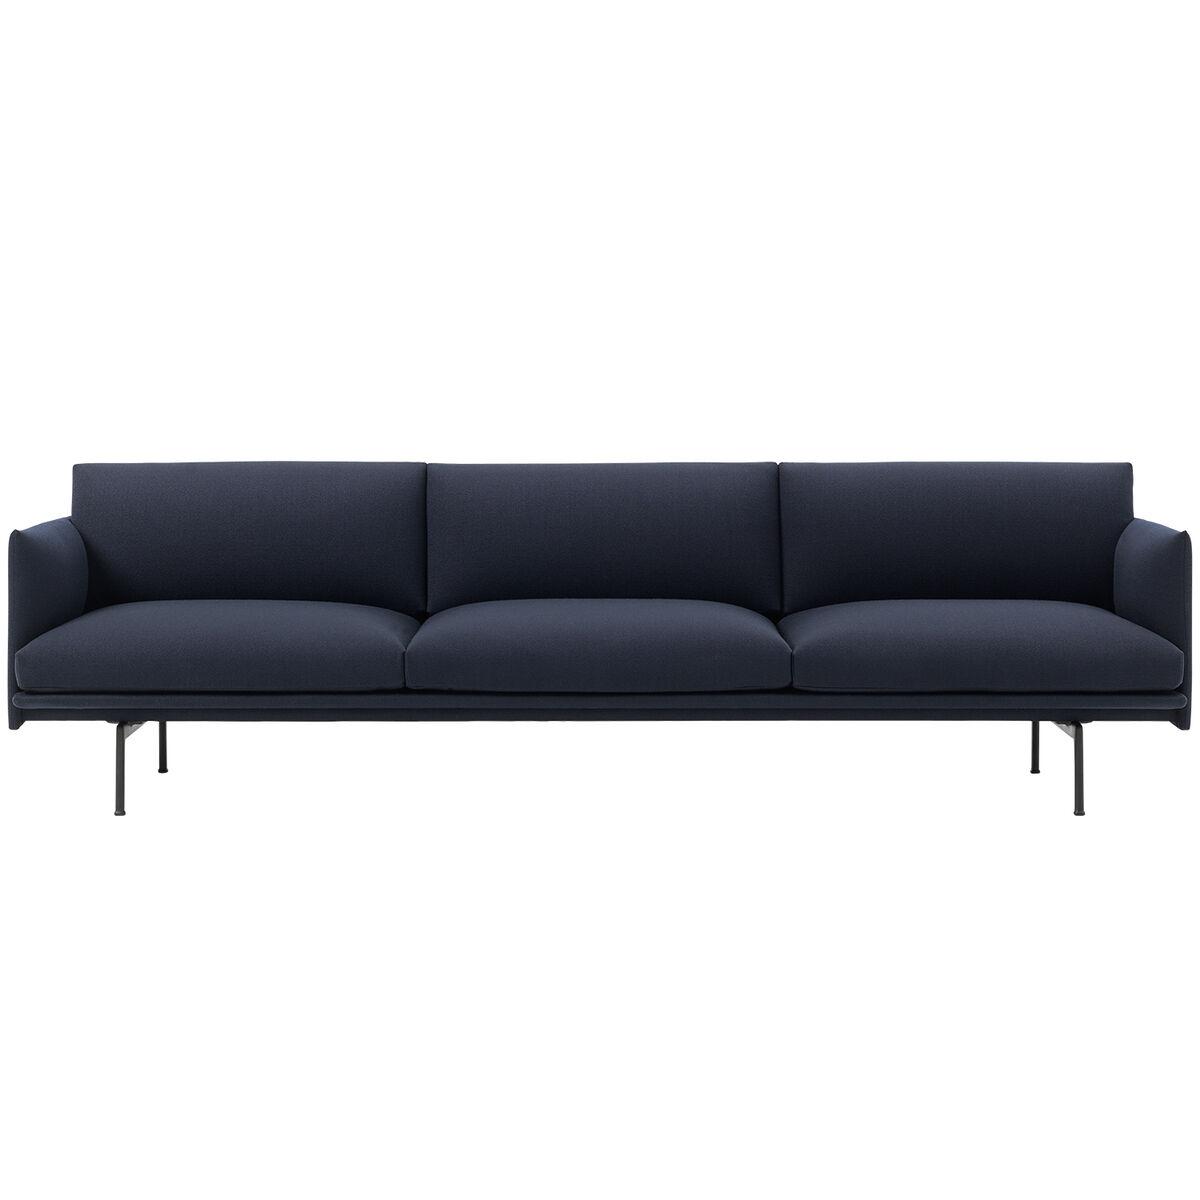 Muuto Outline sohva, 3 1/2 istuttava